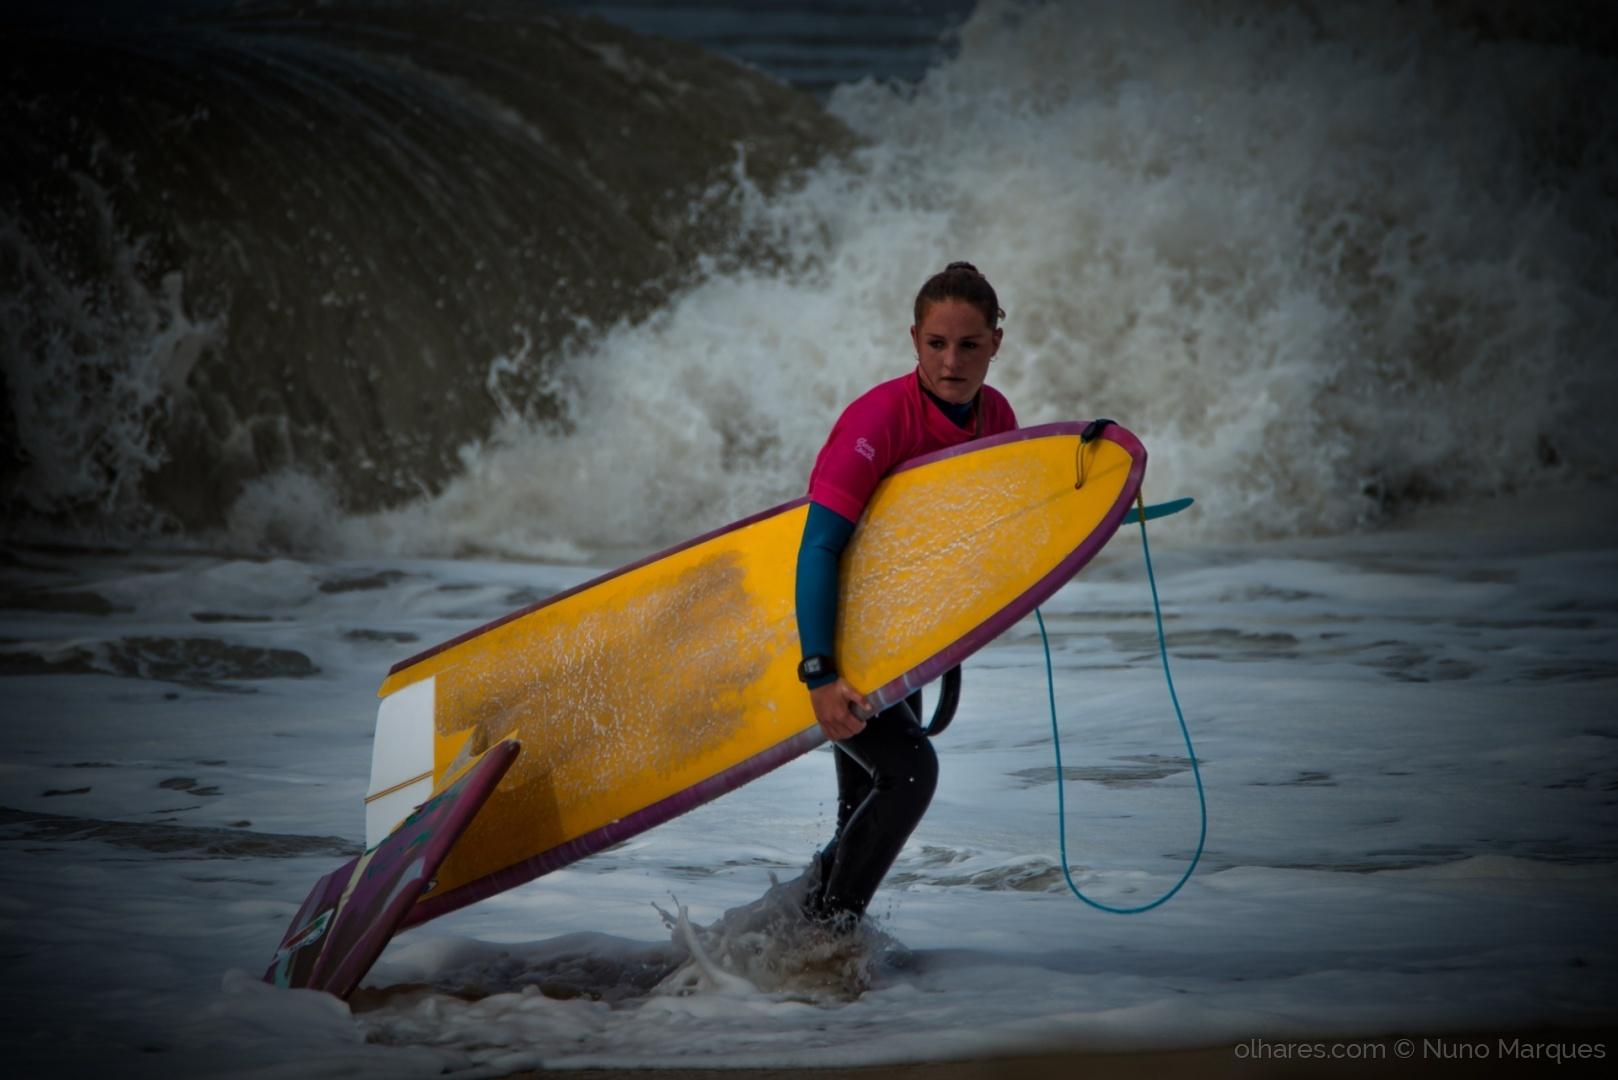 Desporto e Ação/Efeitos da tempestade Hugo